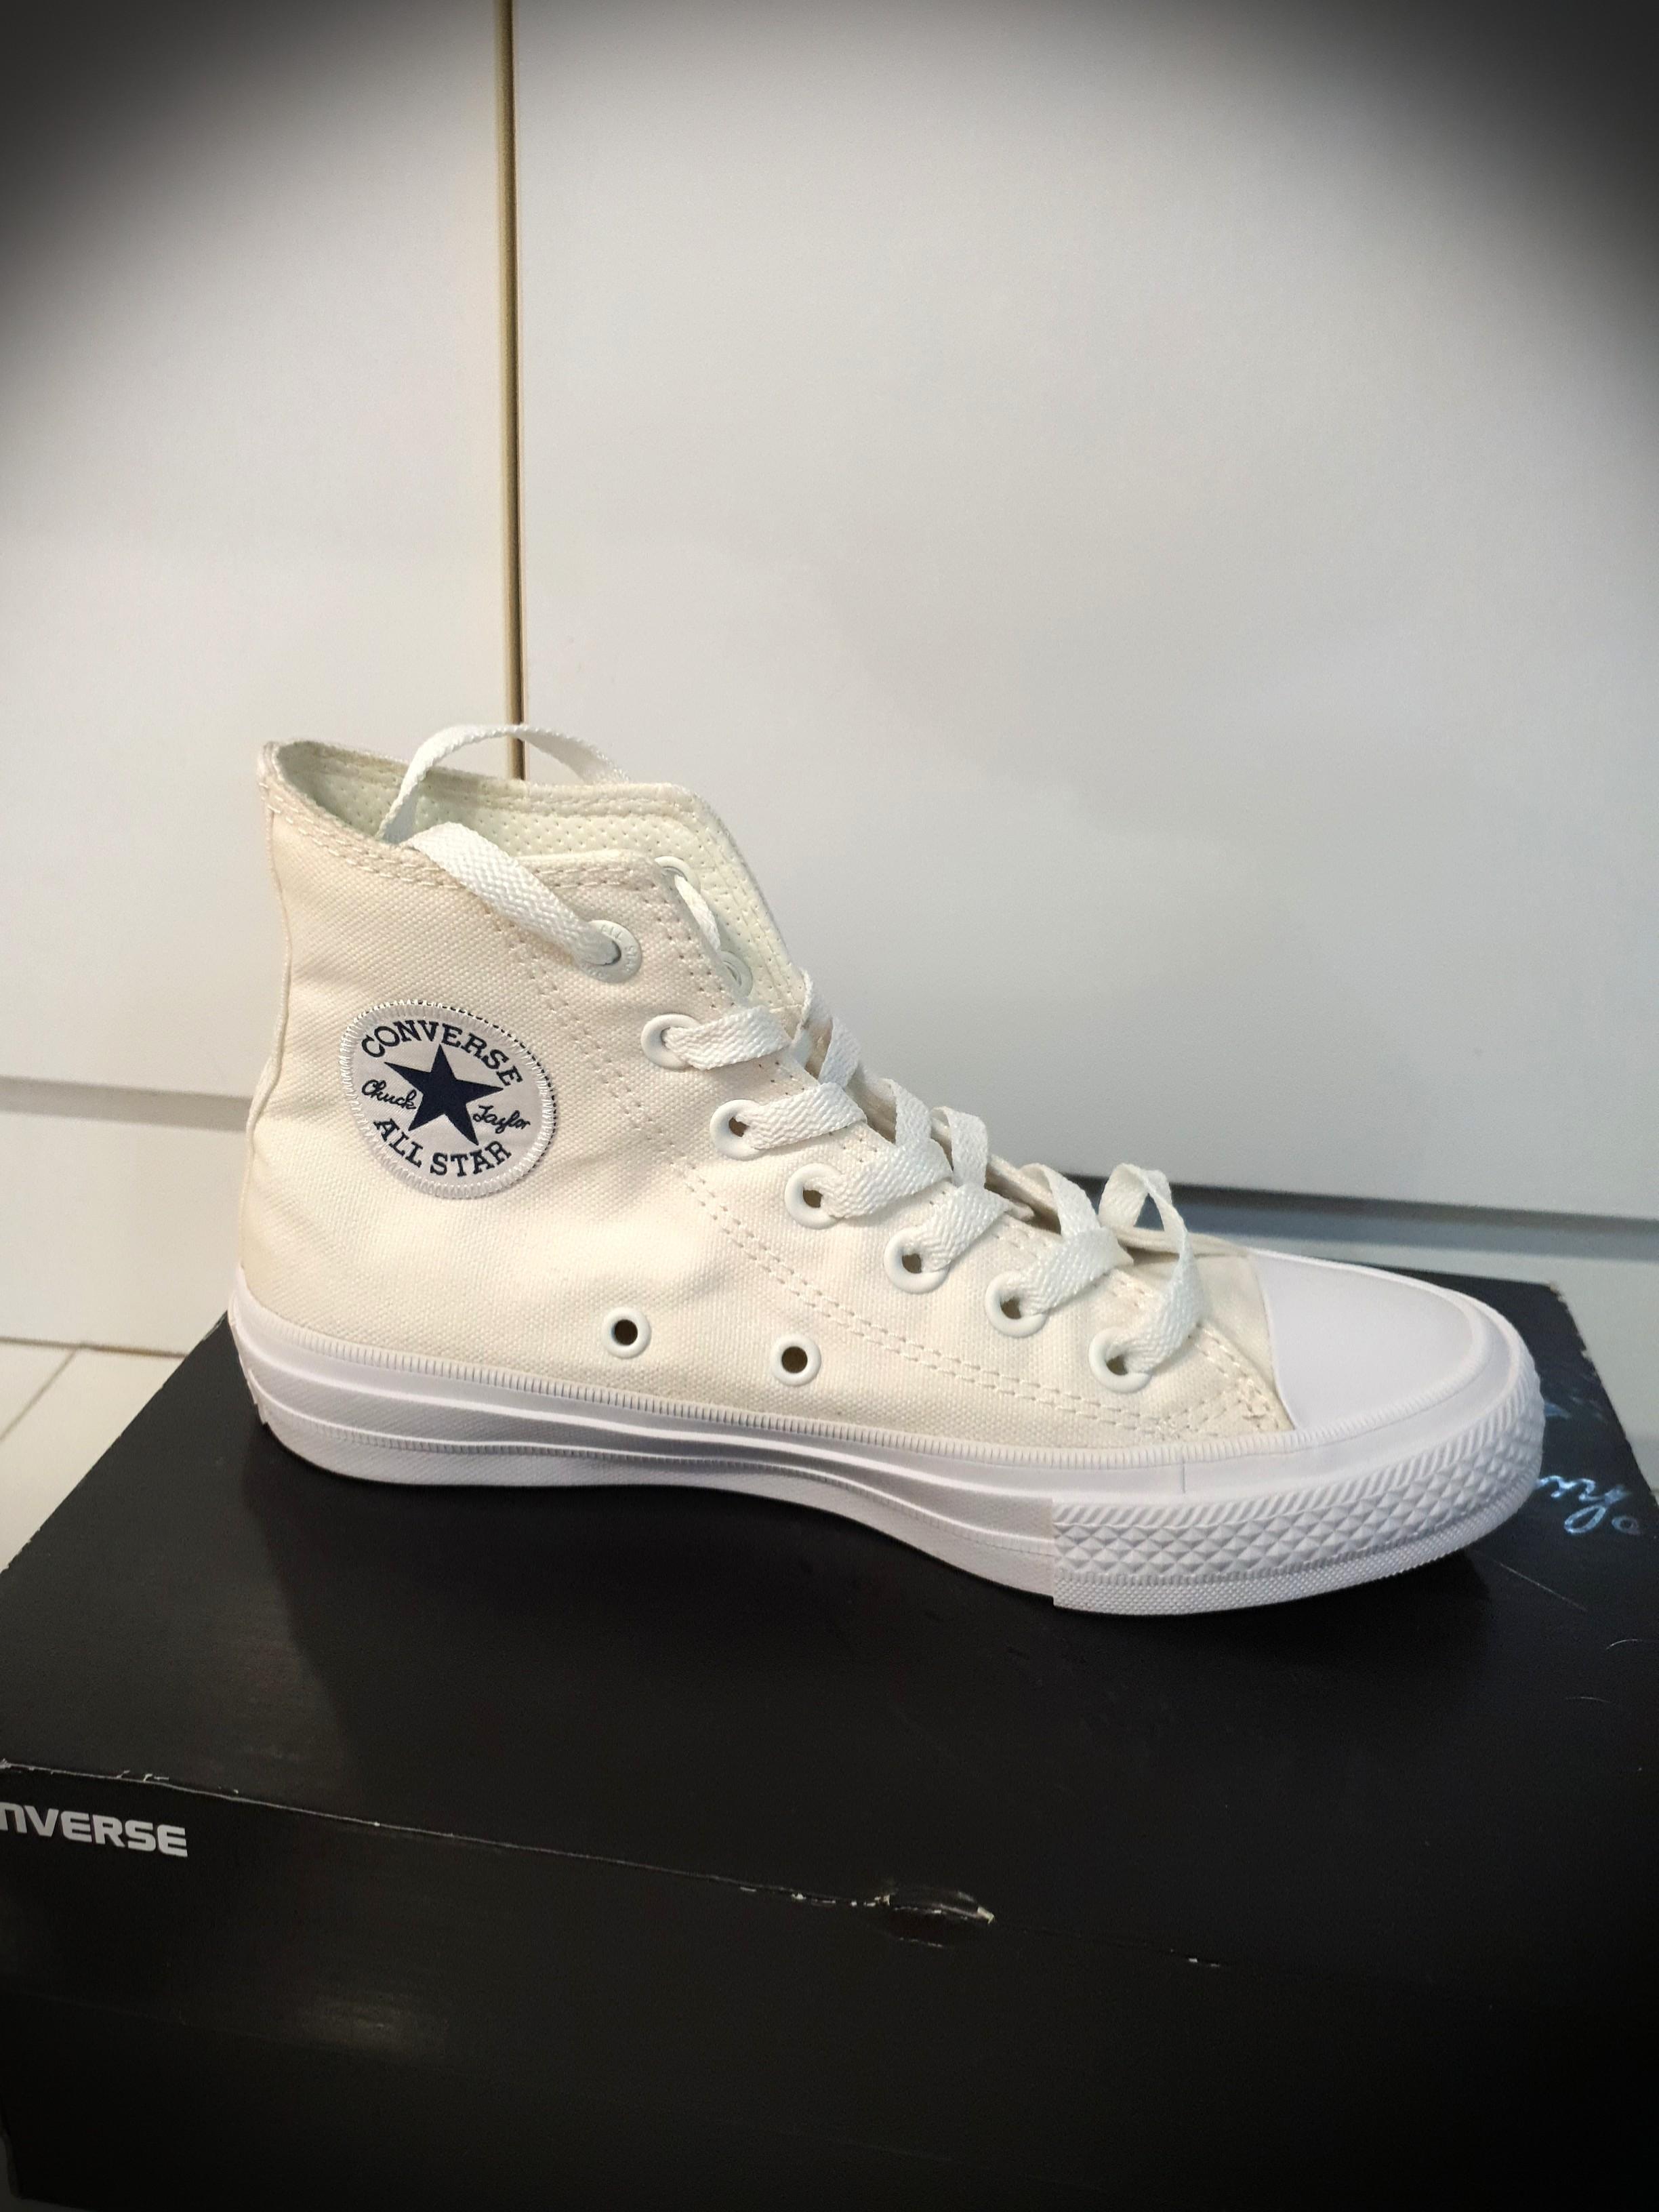 Converse High Cut White Shoes Chuck